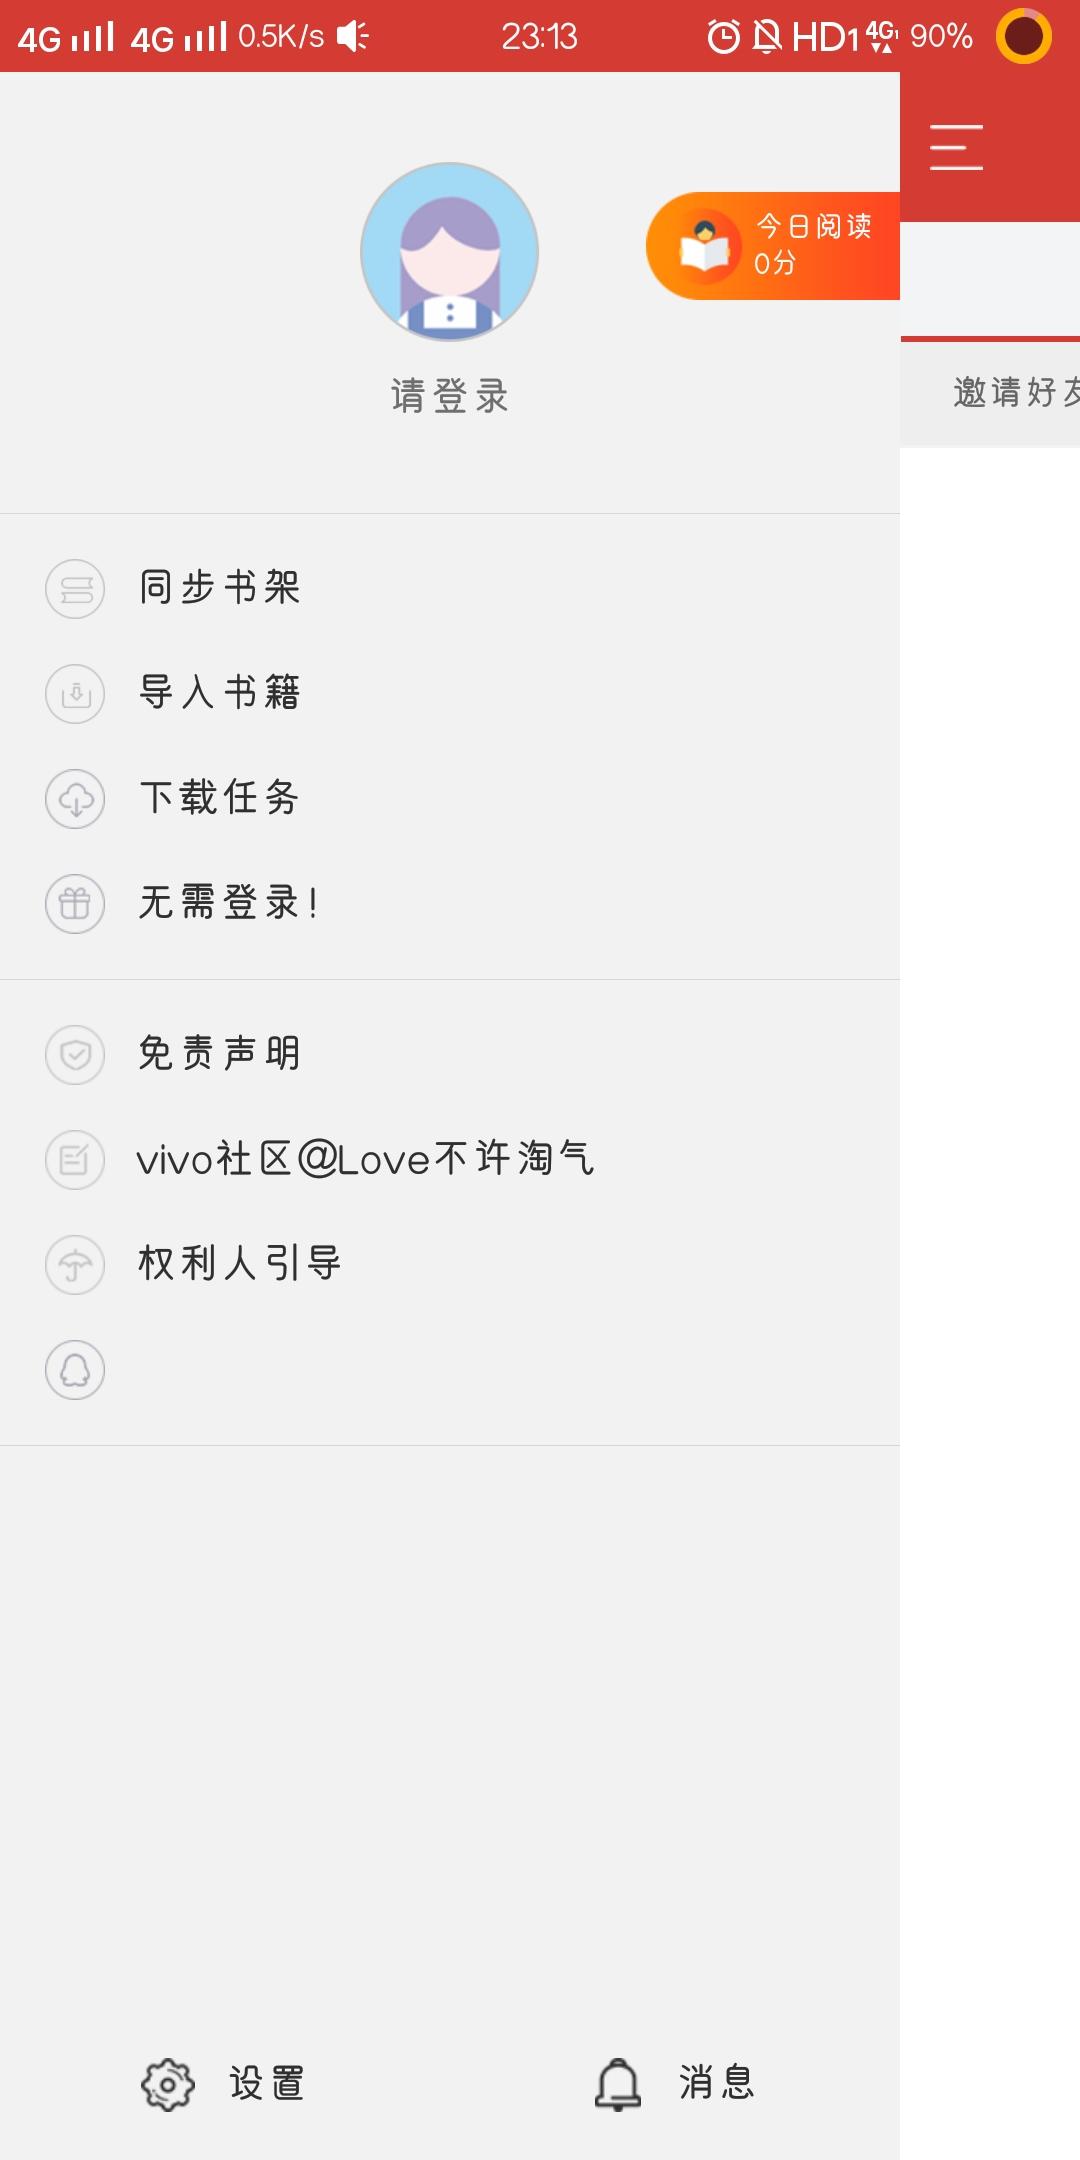 Screenshot_20181118_231344.jpg